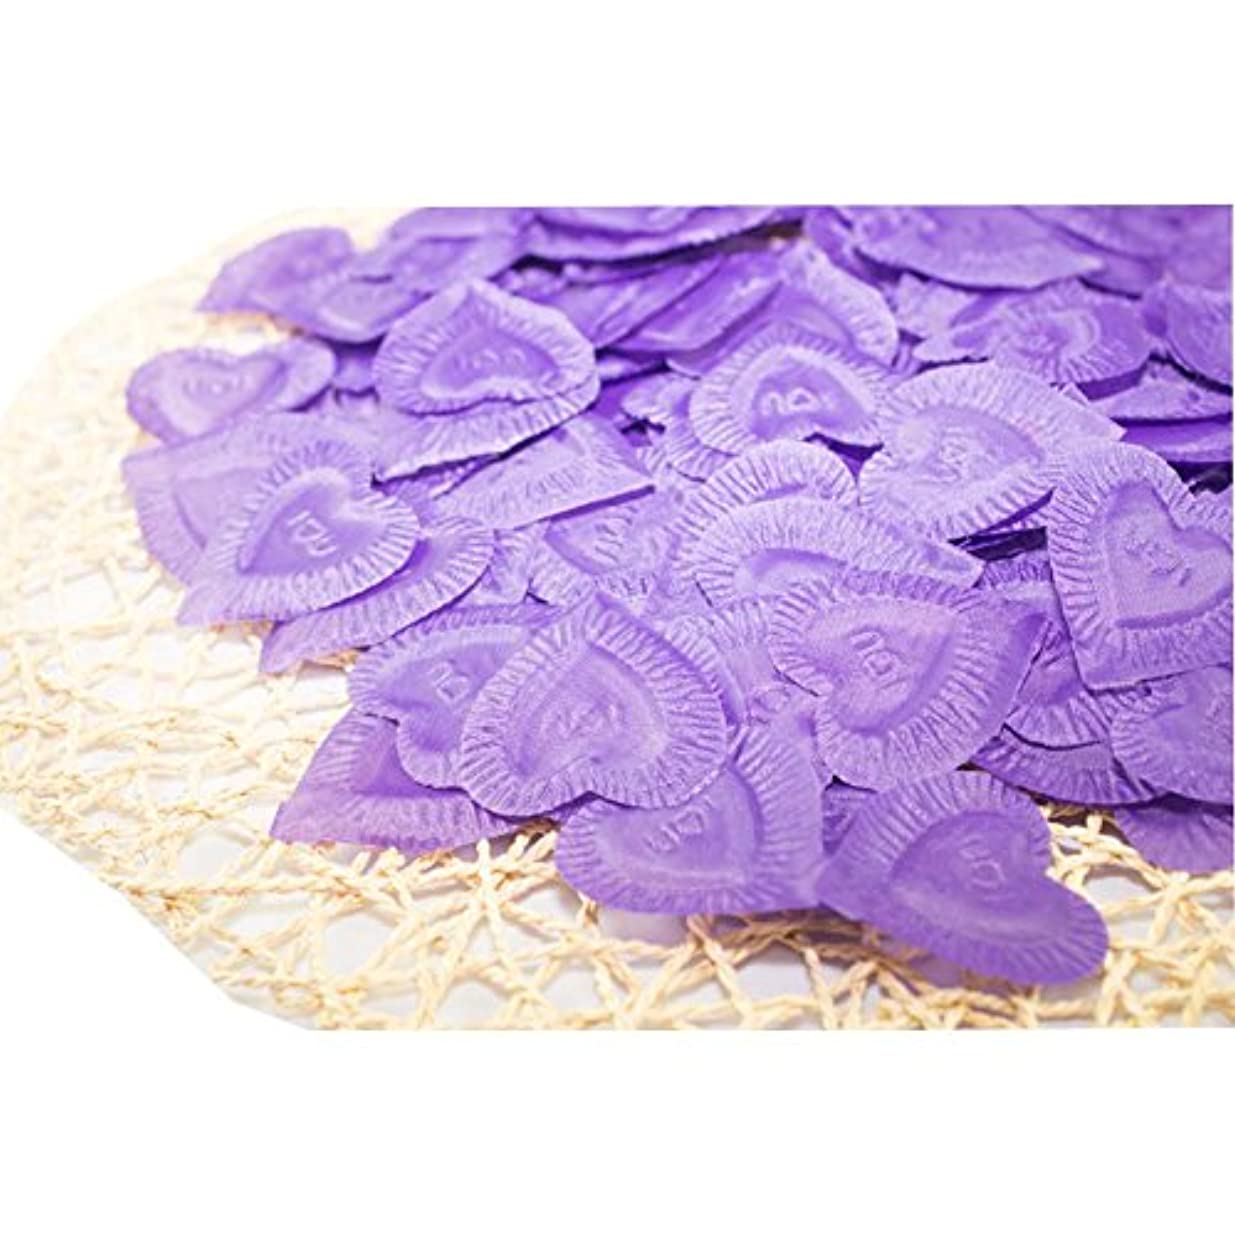 二年生インスタンス防止結婚式のための人工花びら紫840個